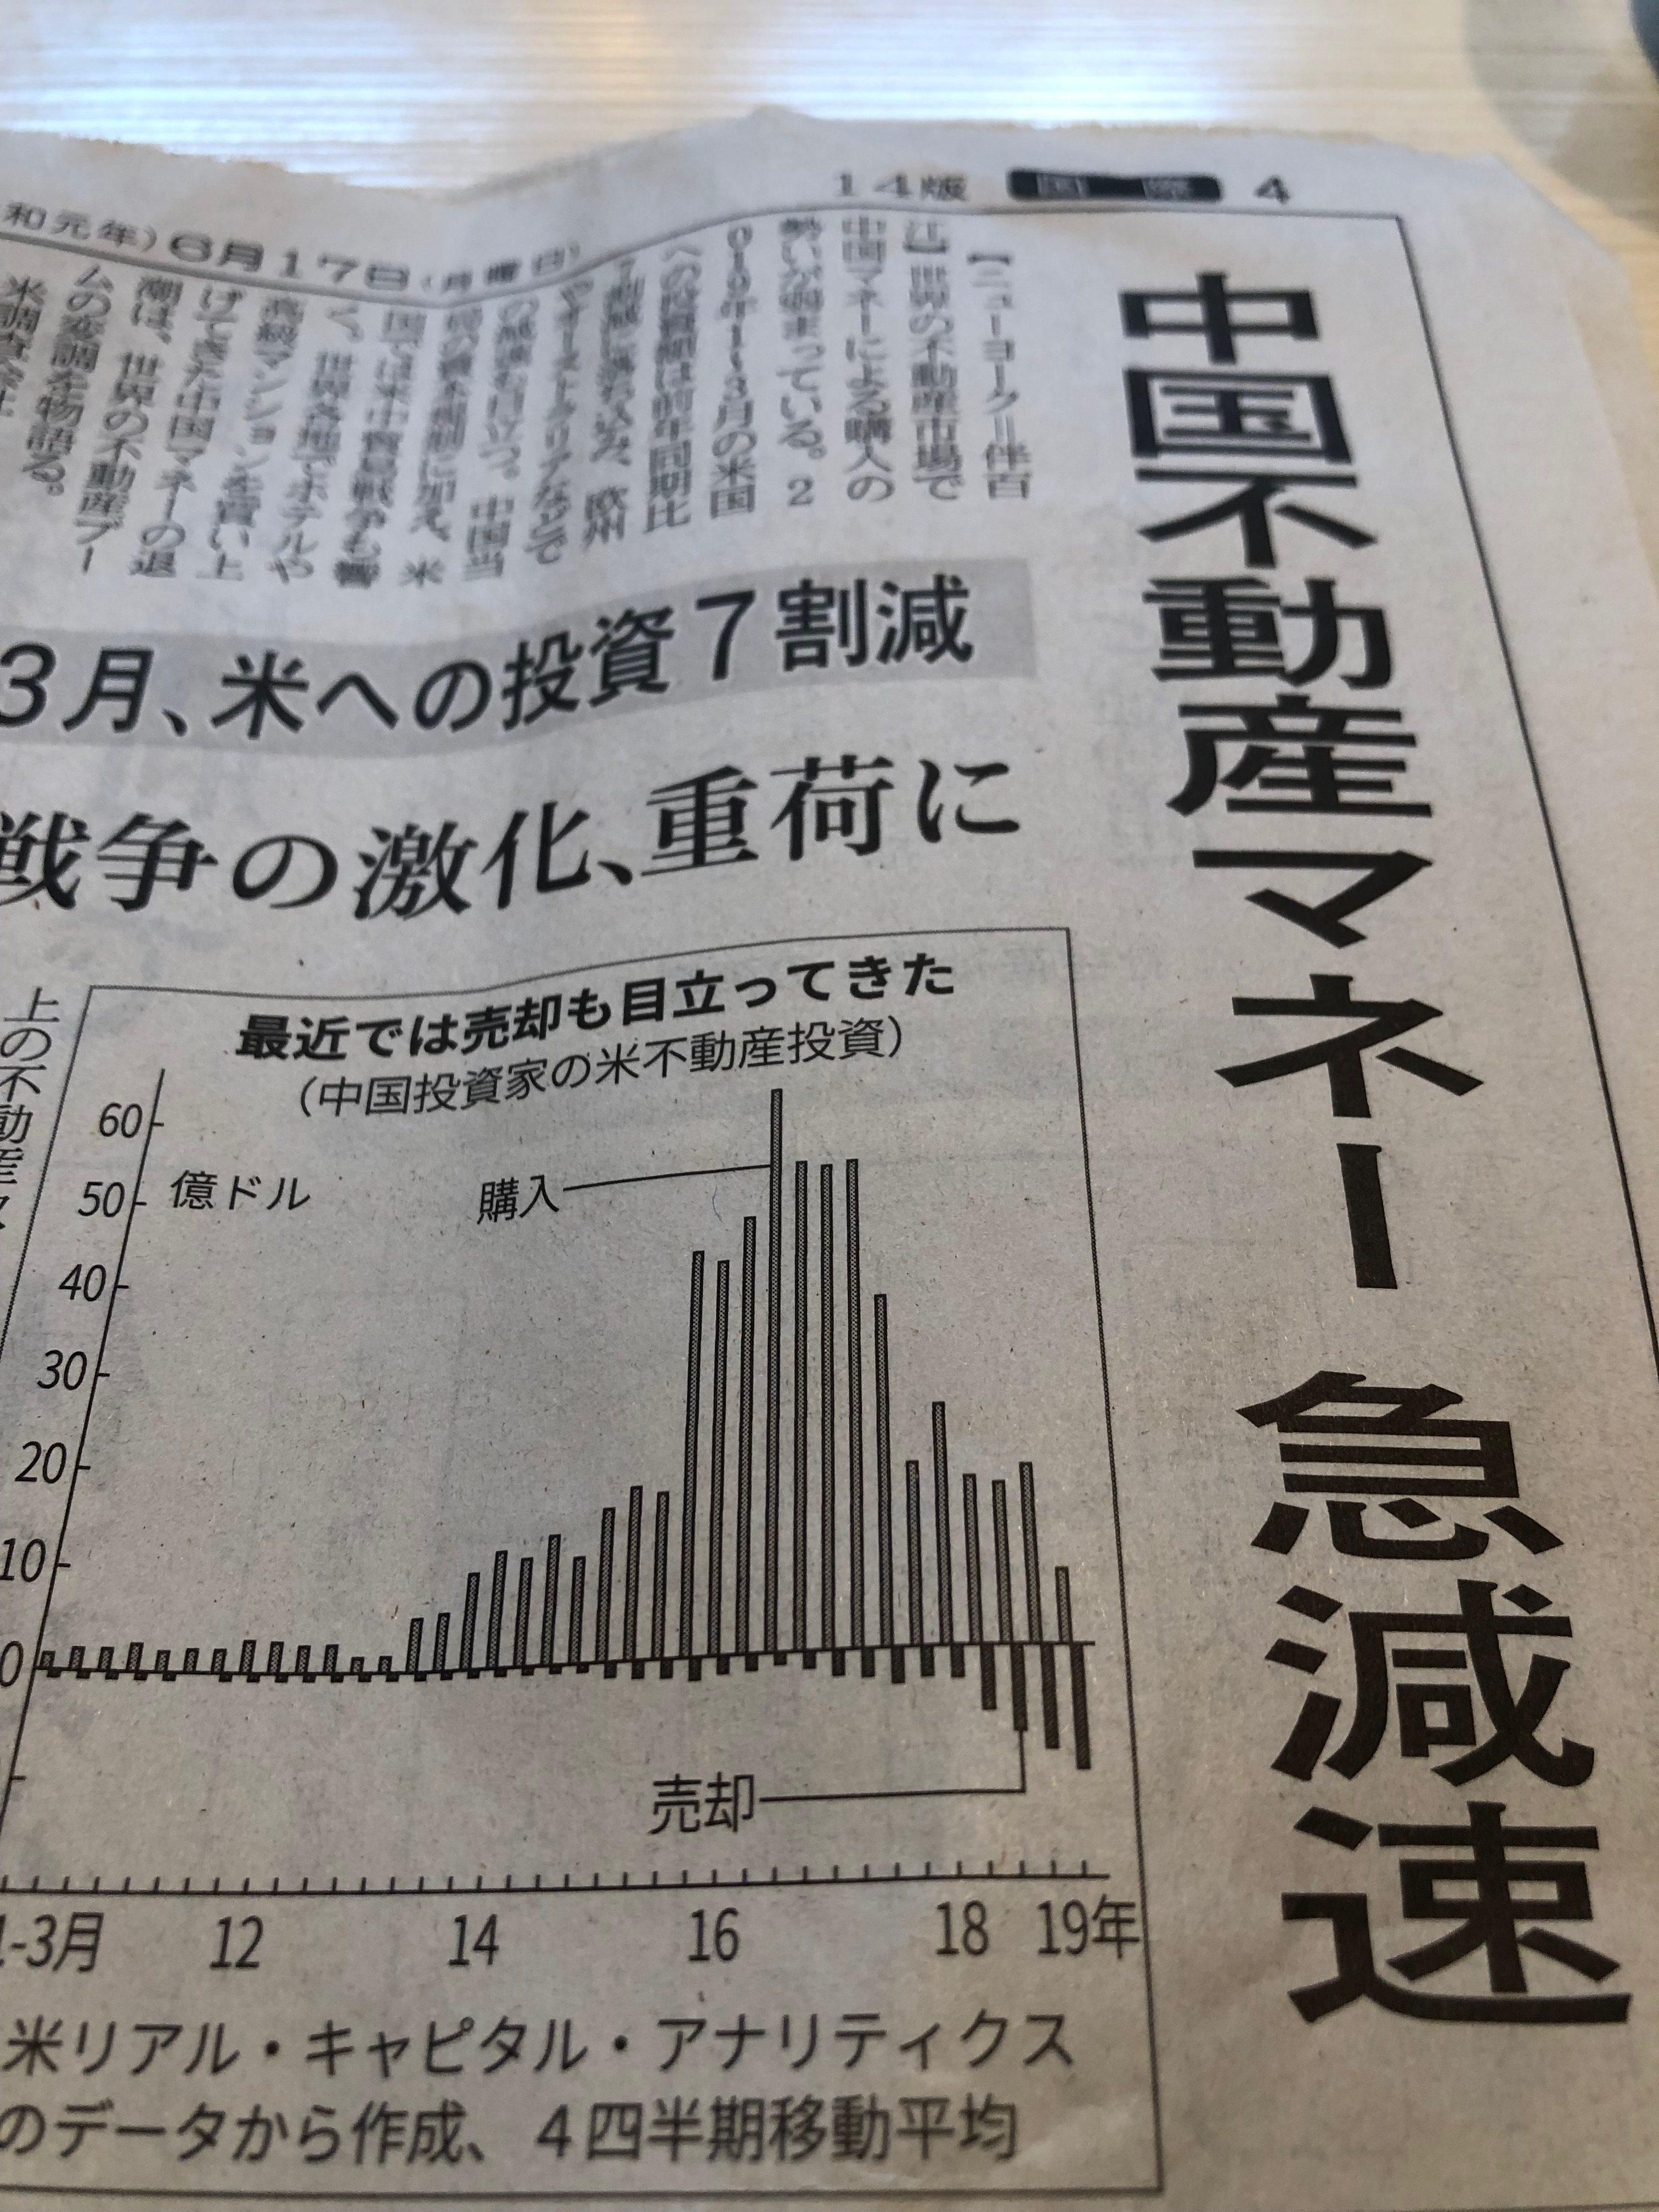 中国不動産マネー急減速